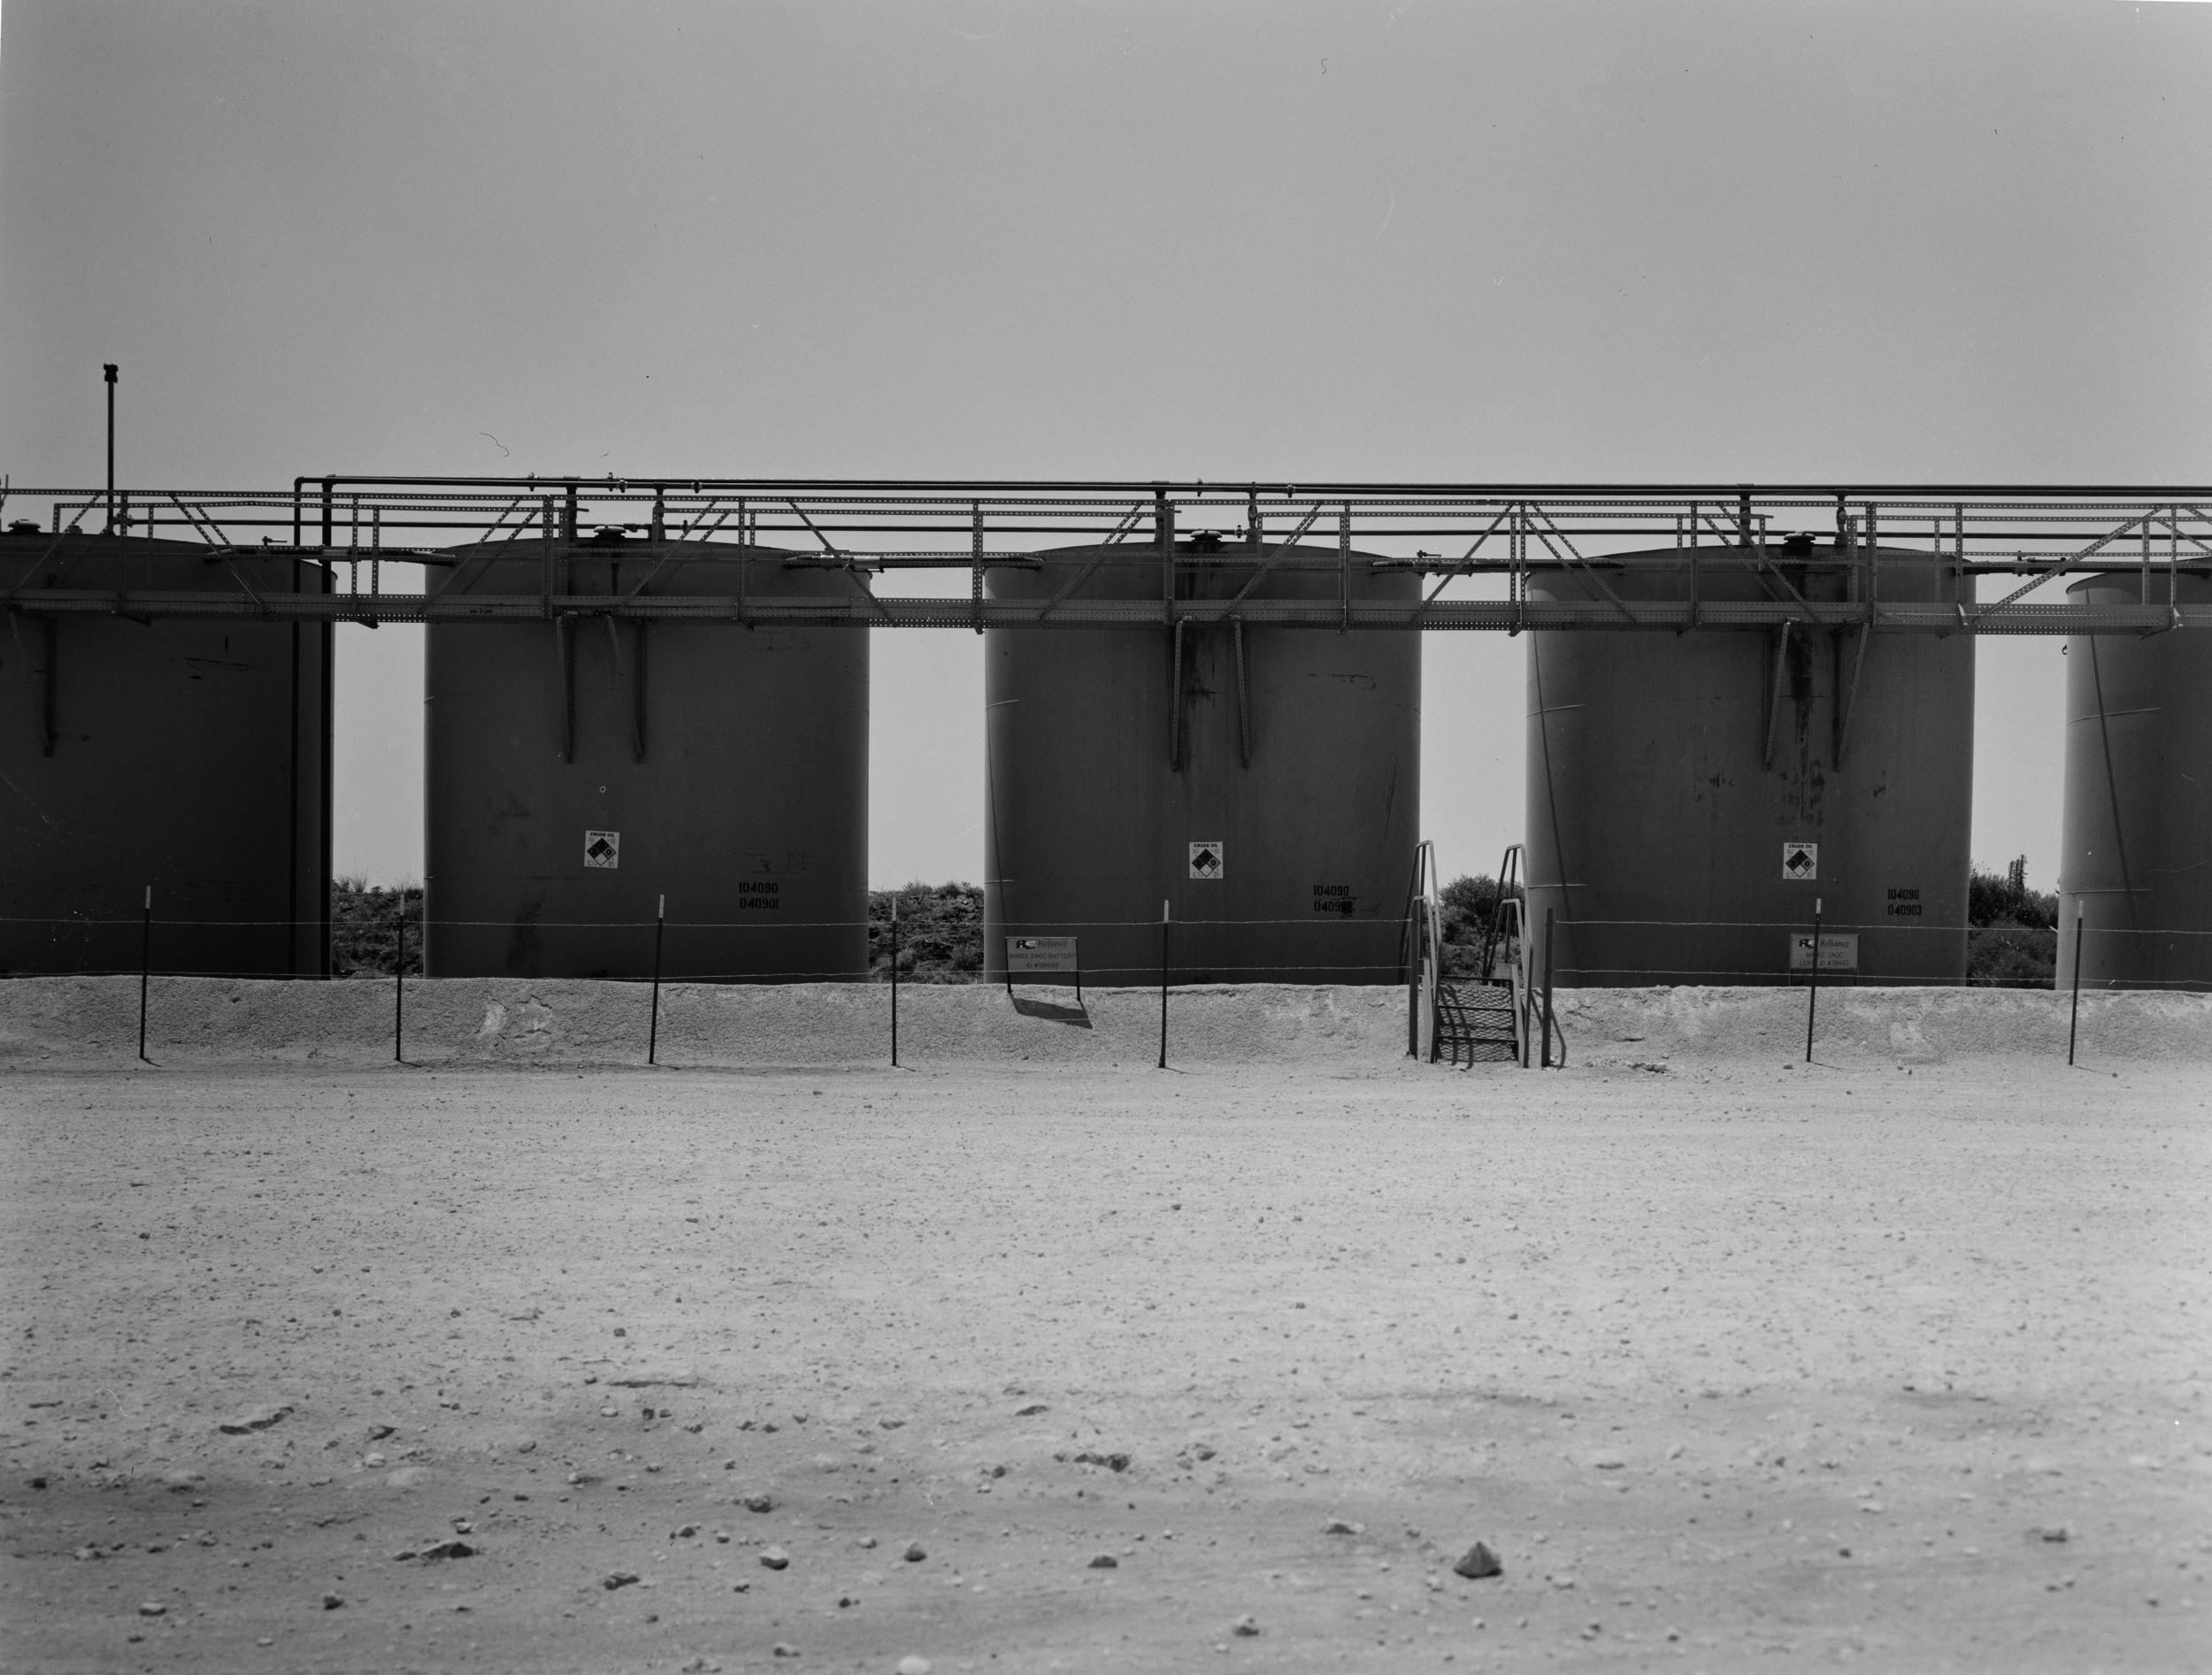 4x5 film taken in the oil fields of West Texas.